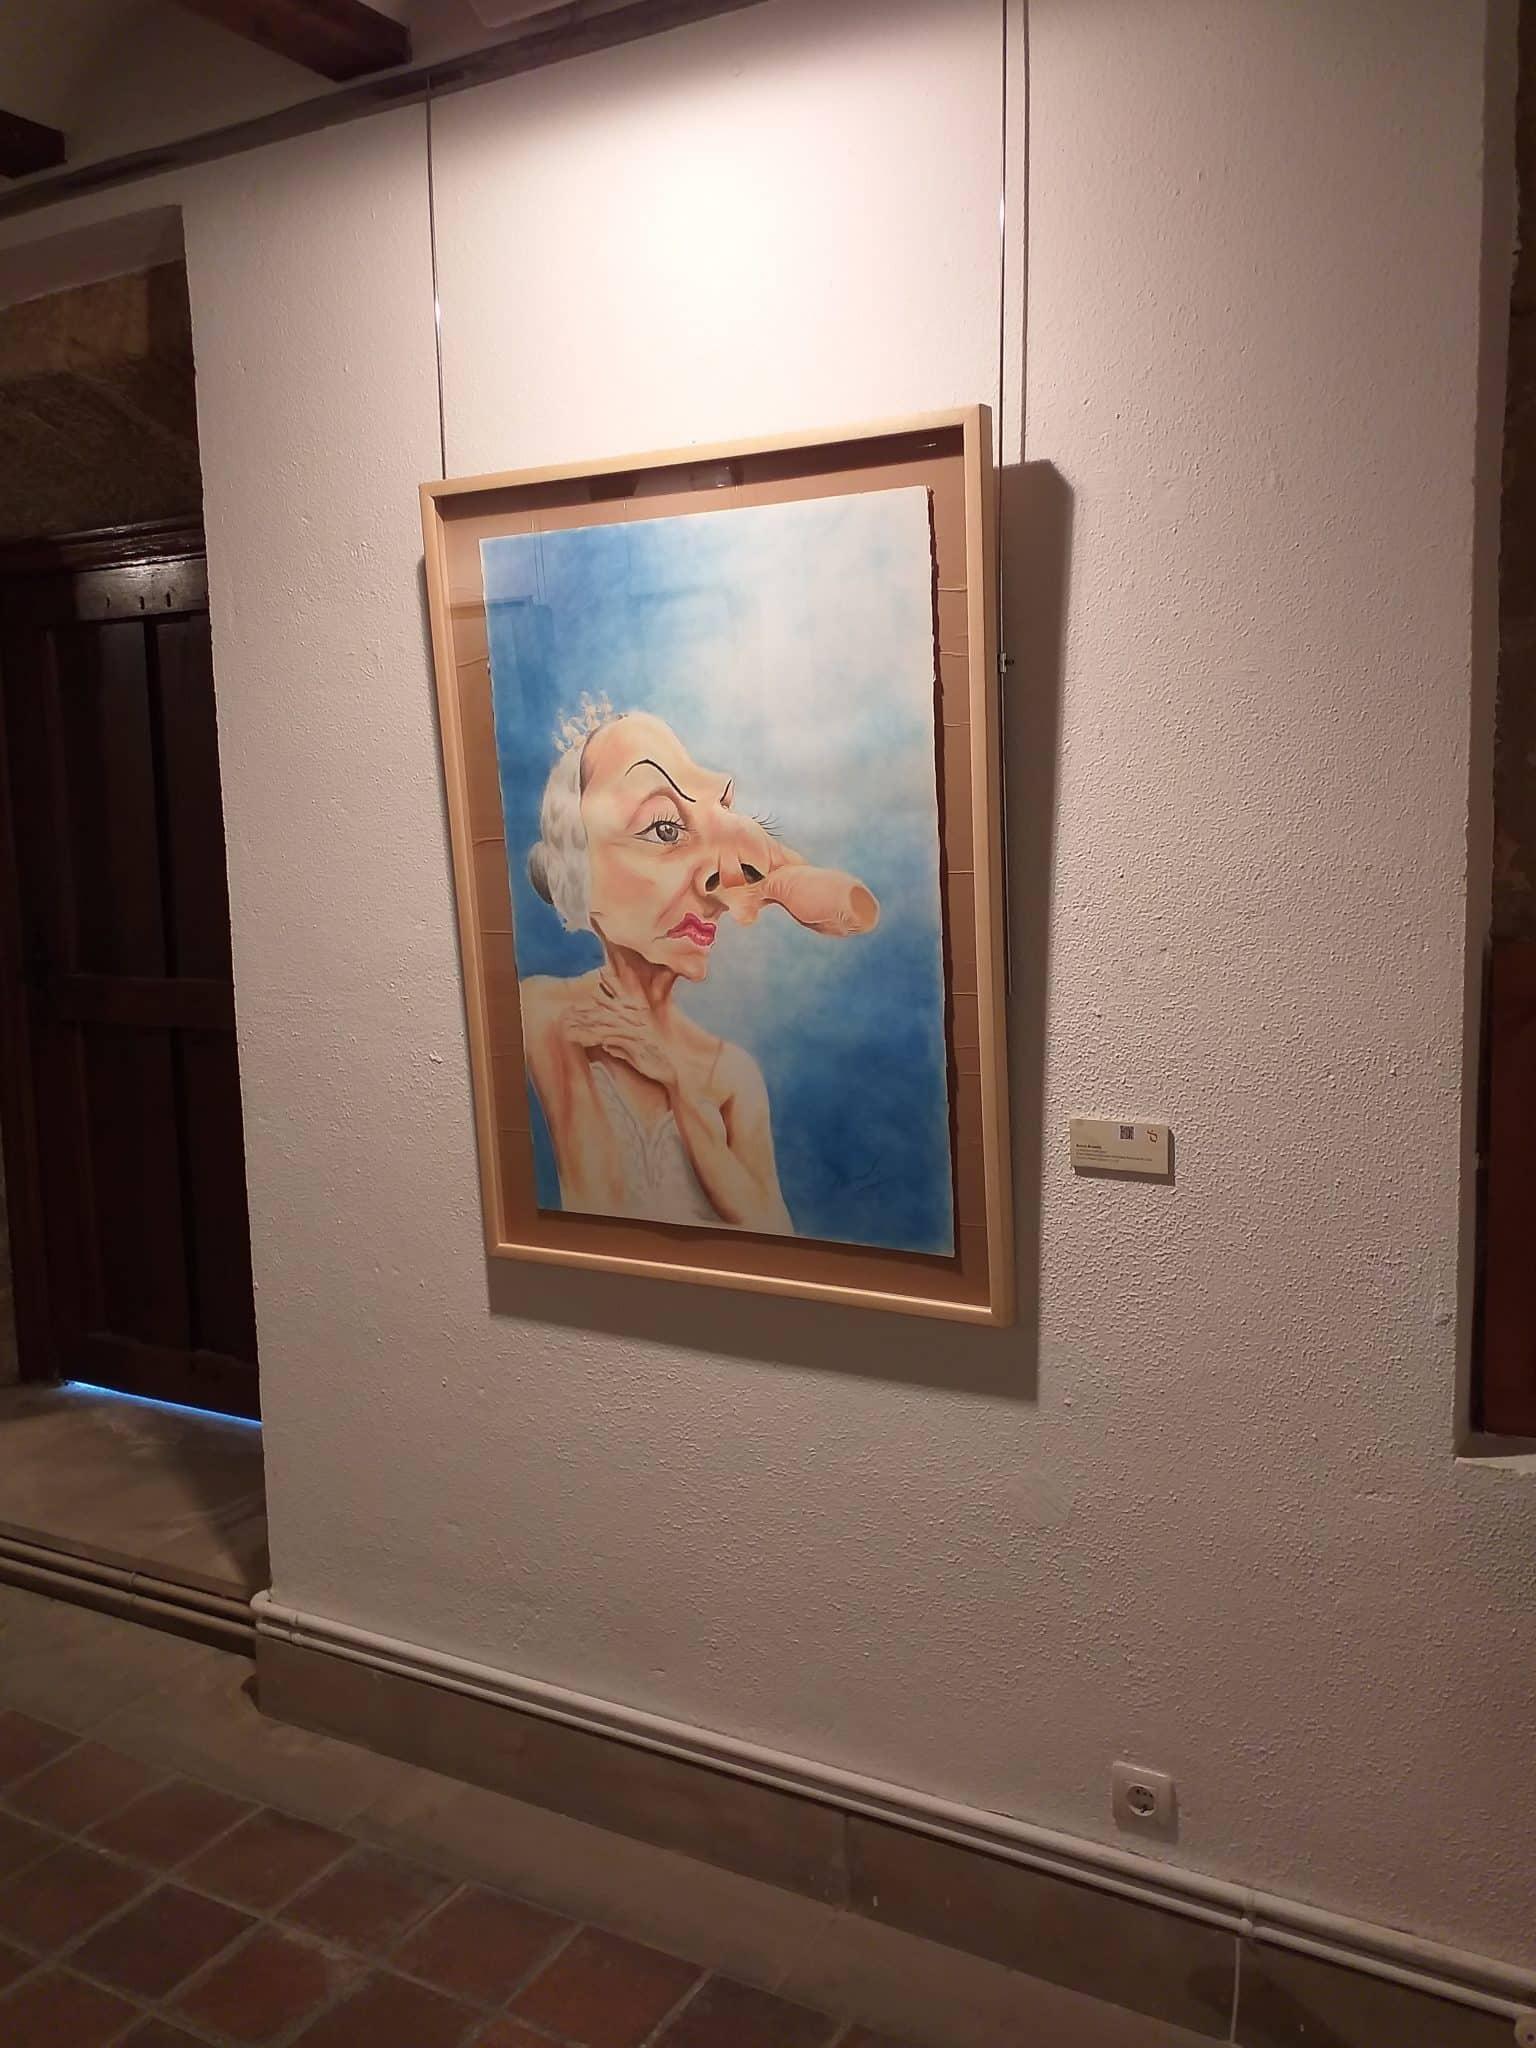 El Centro Fundación Caja Rioja-Bankia de Haro acoge una exposición de caricaturas del mexicano Fredy Rodríguez 2